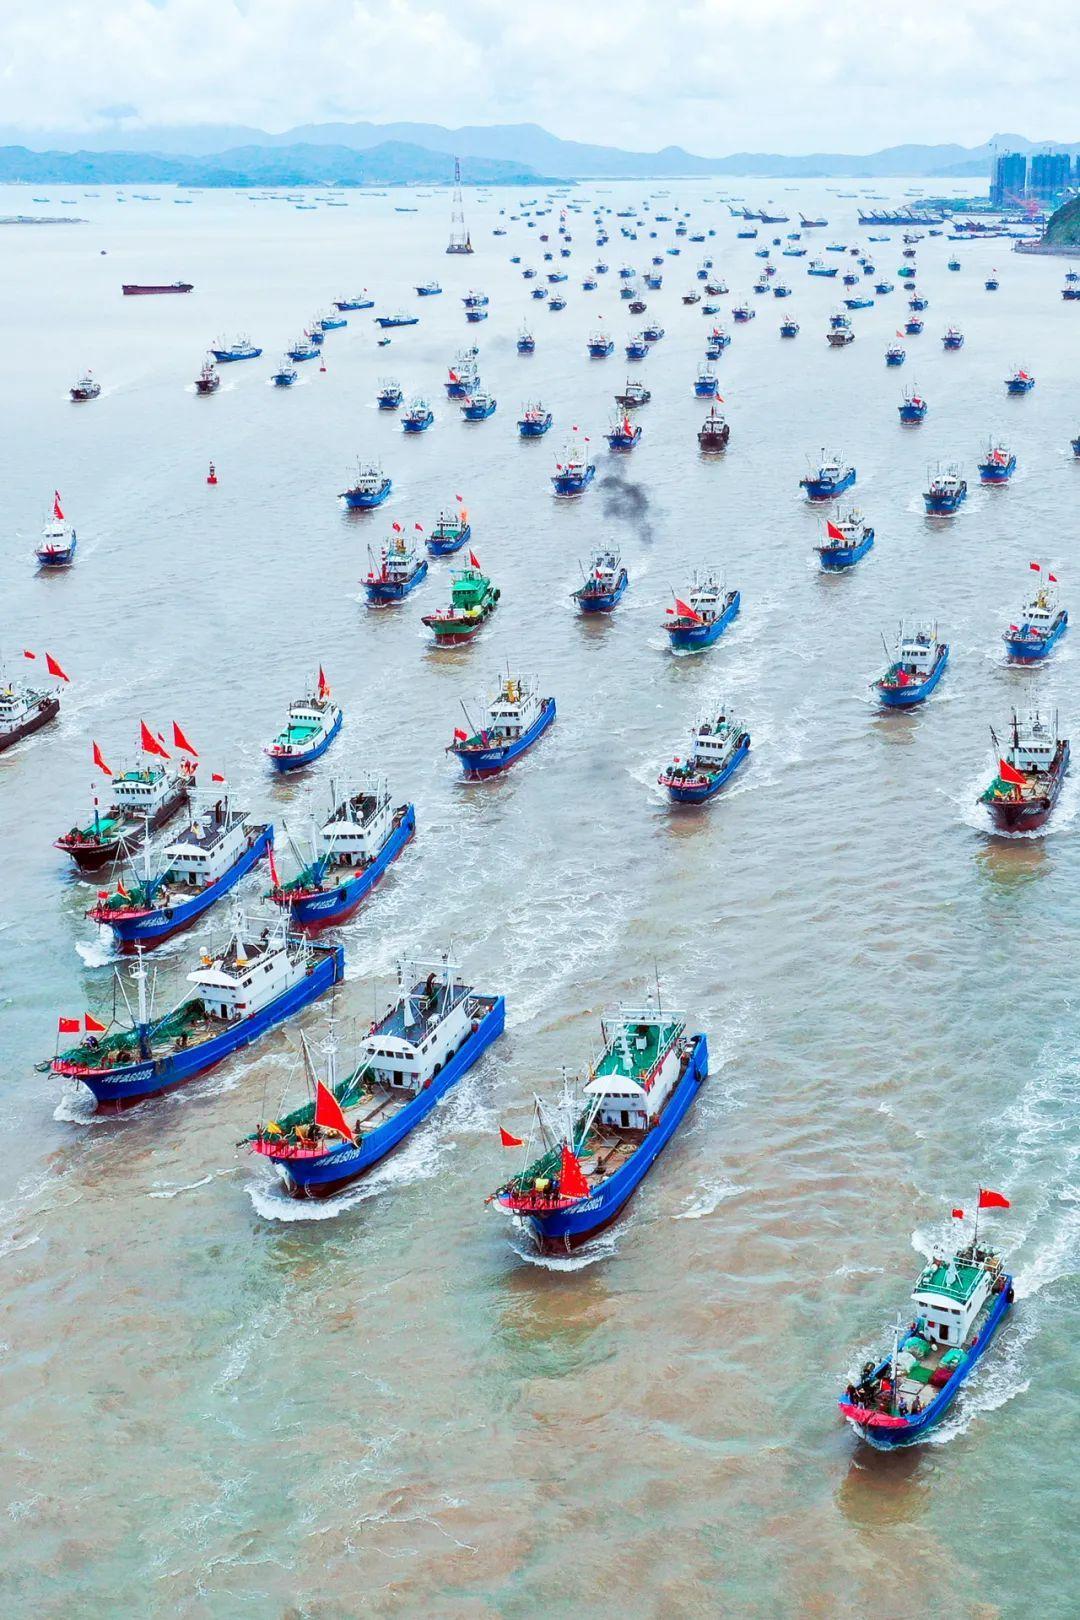 2021年8月1日,舟山部分捕捞渔船结束禁渔期,千帆入海。图/视觉中国